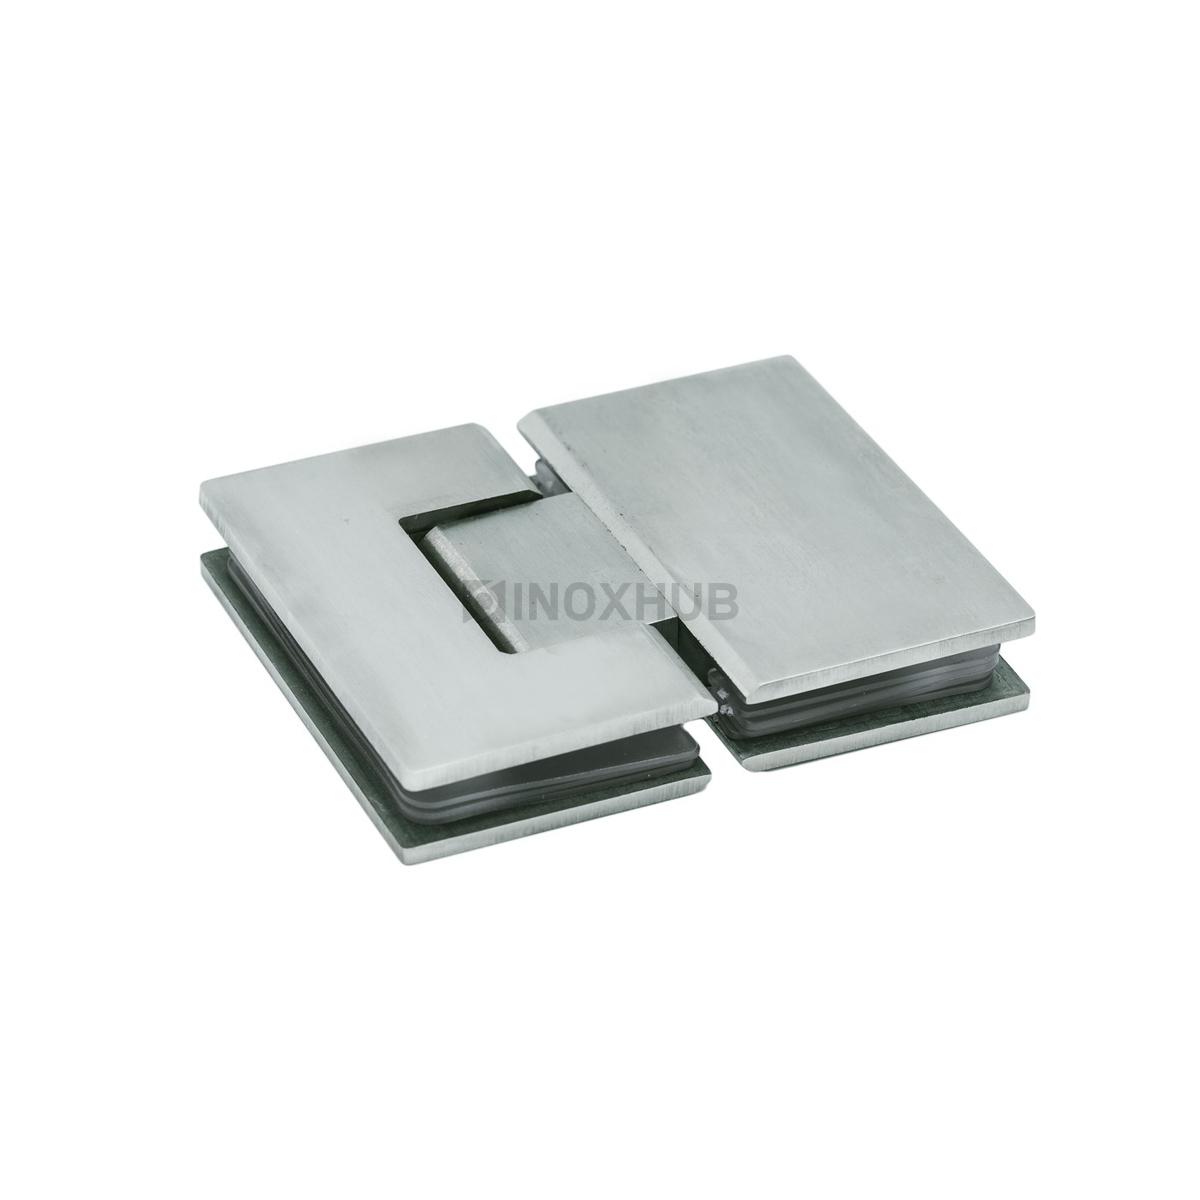 Петля (303 SSS) стекло-стекло 180° (без фаски)  нерж. сталь матовая